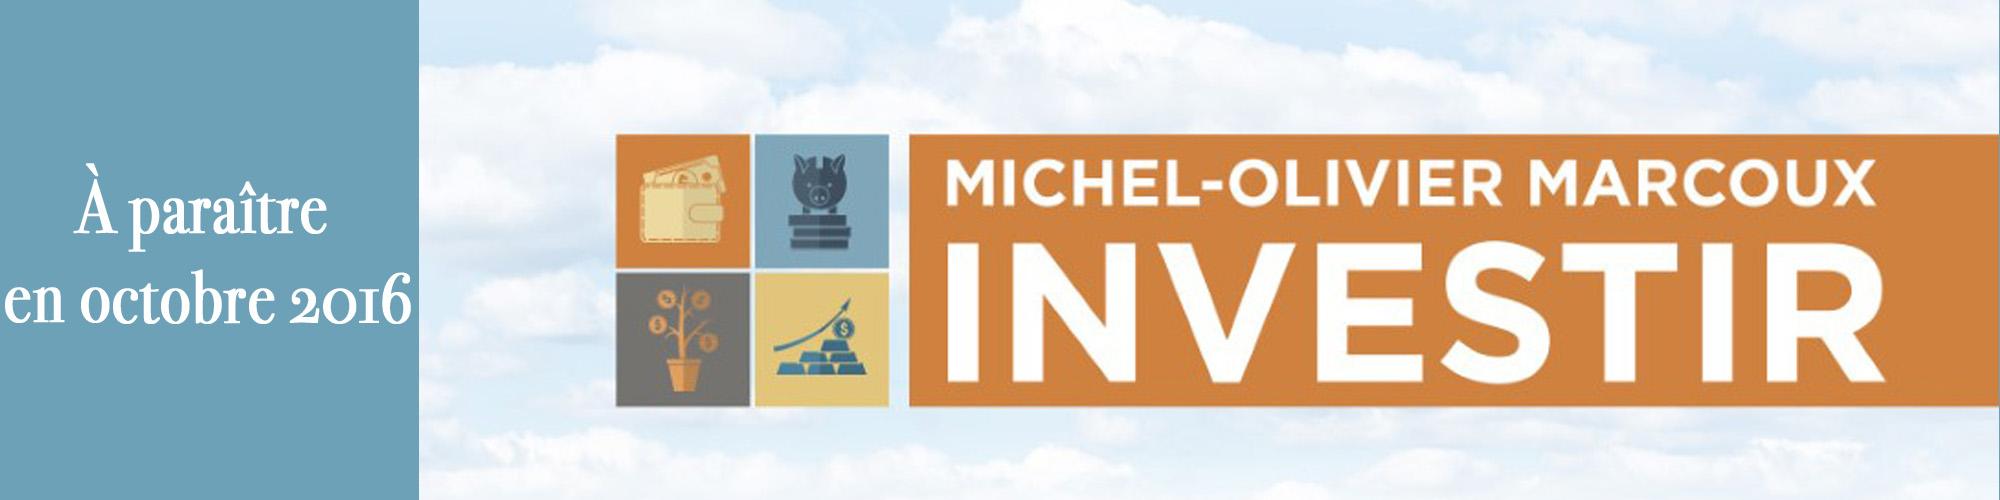 investir-michel olivier marcoux